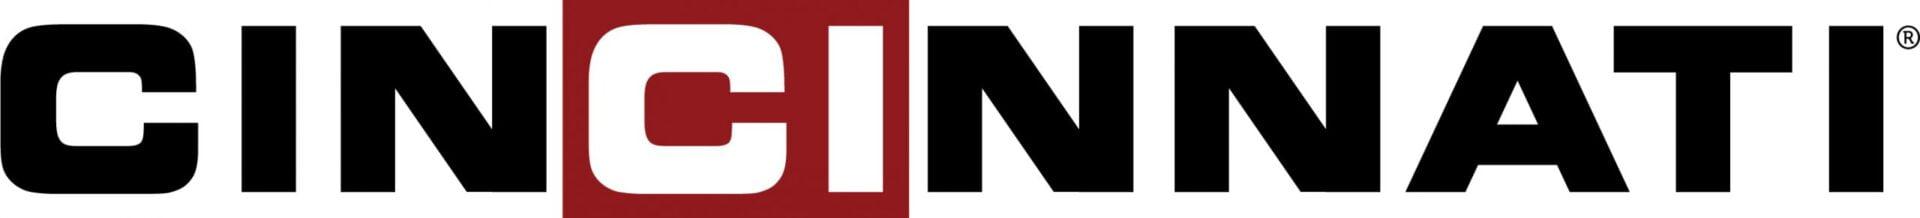 Cincinnati Inc.